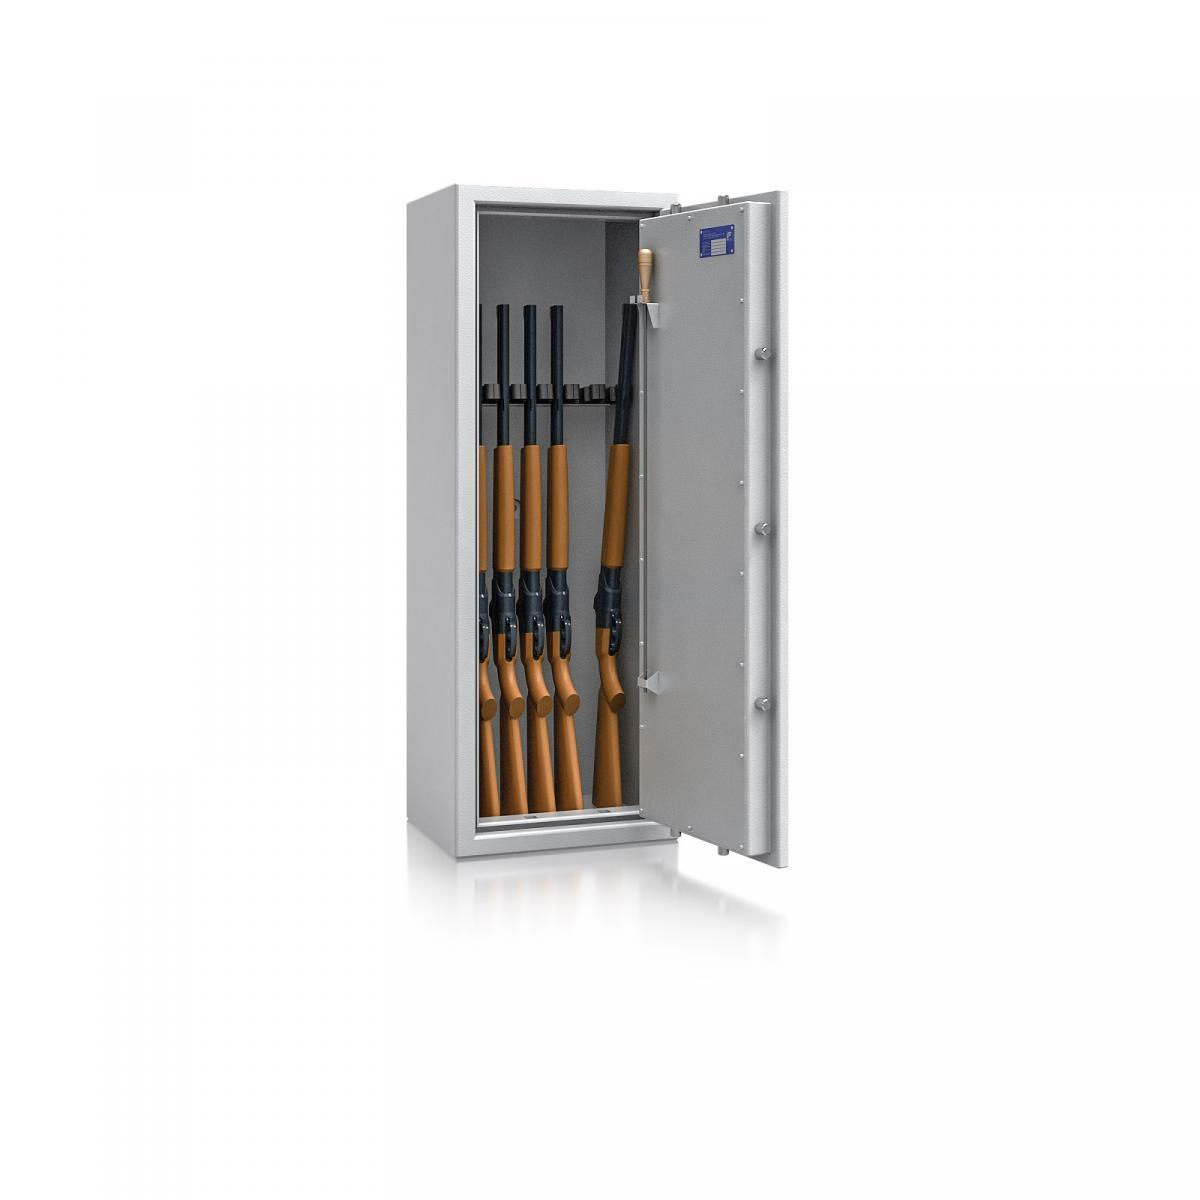 Waffenschrank St. Gallen WF NEW 2 - 1250x450x350 / 109kg 56471 / Klasse I / RAL7035 / Schlüssel / DIN R